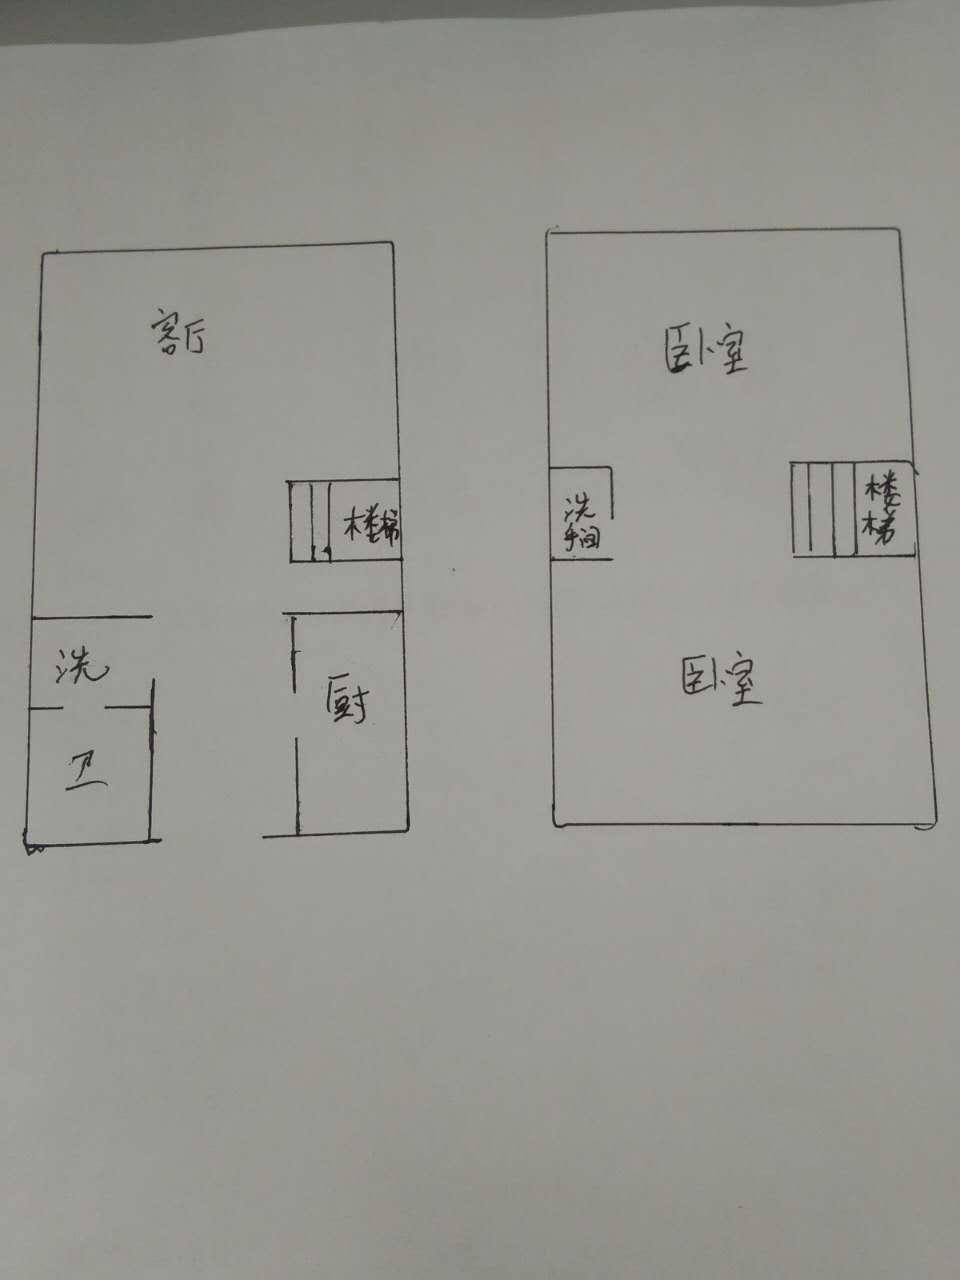 未来城 2室2厅 16楼